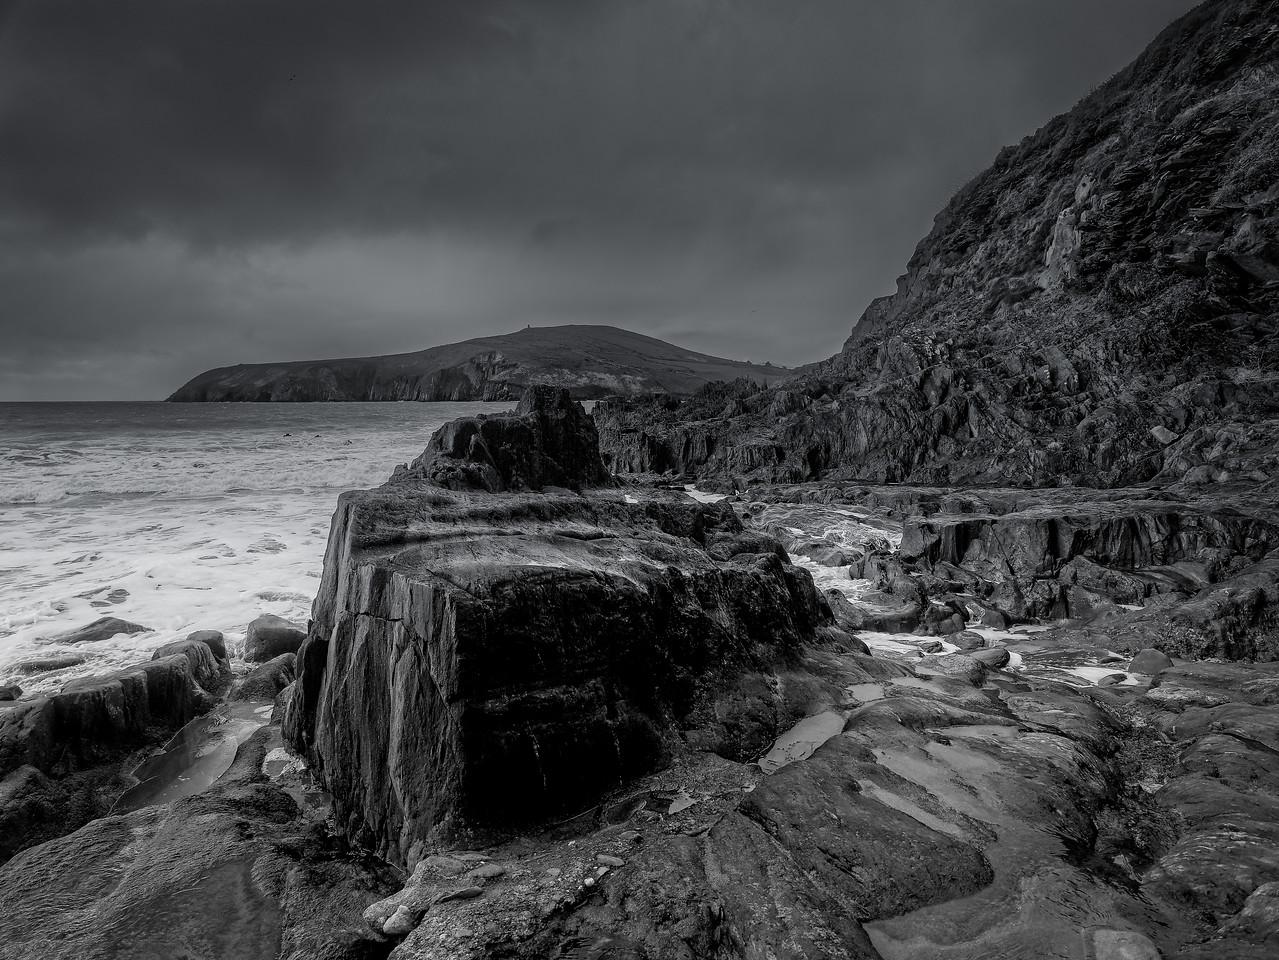 Beenbawn Beach Dingle Peninsula